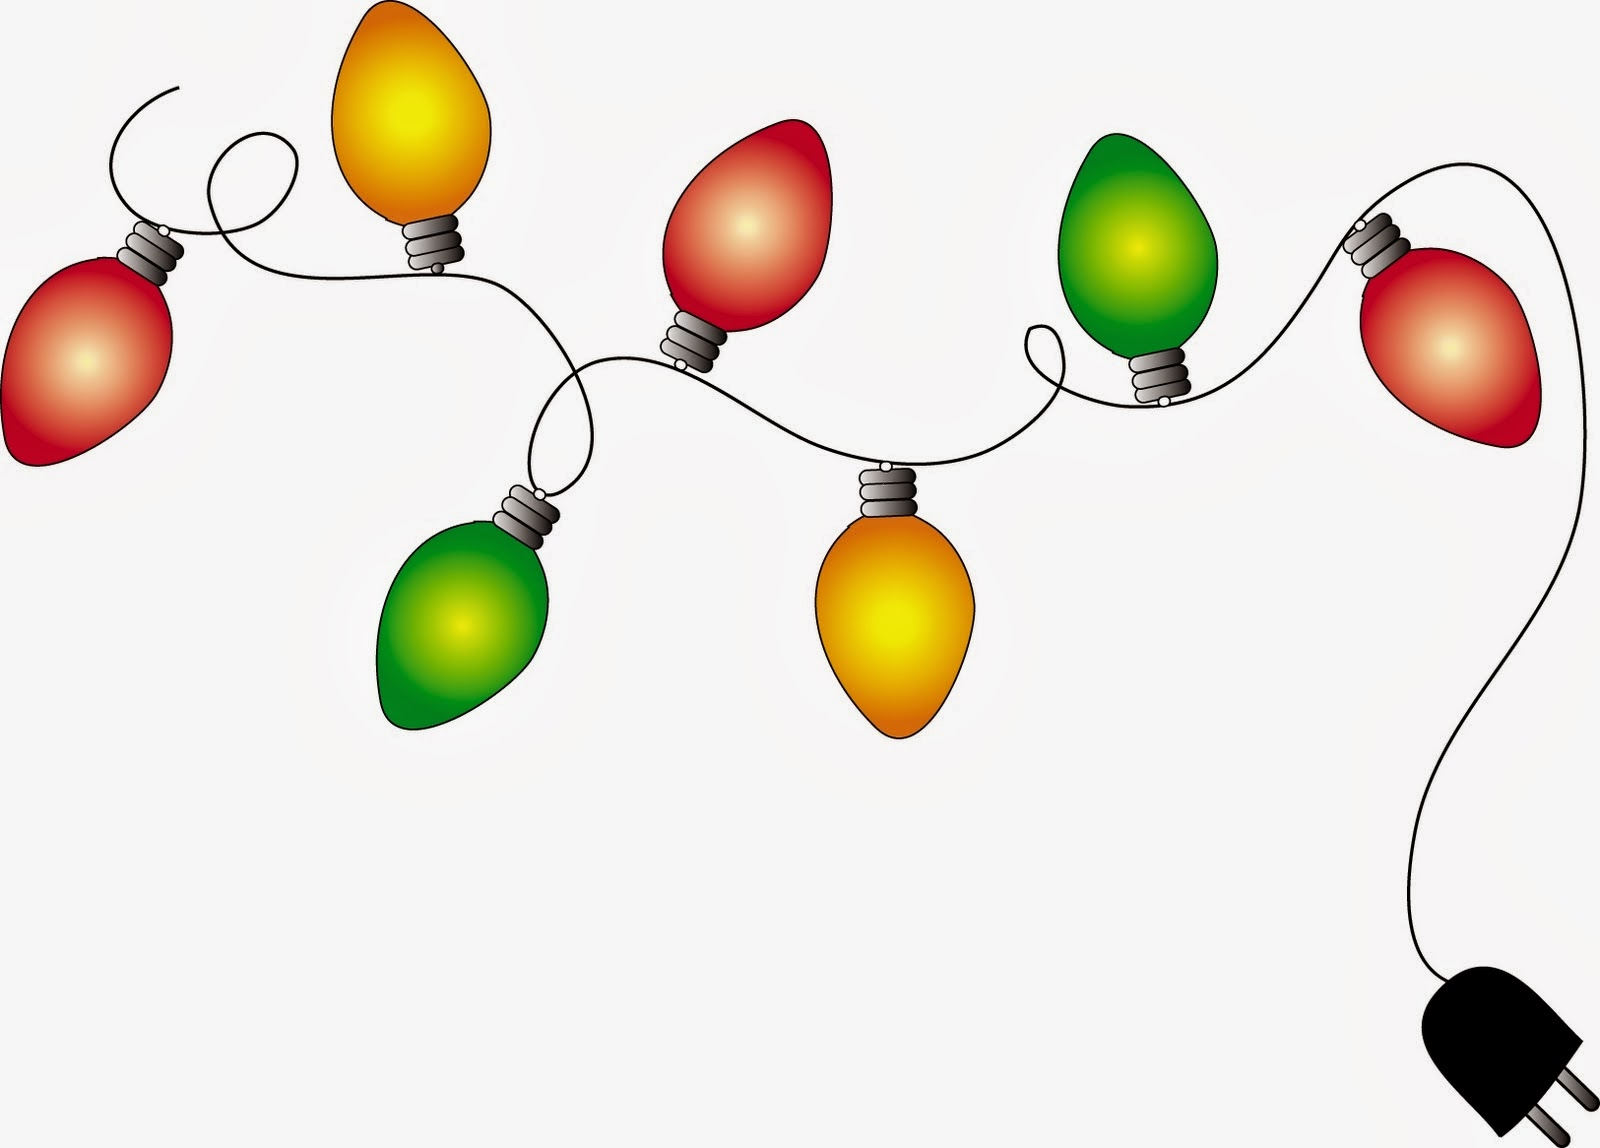 Christmas lights christmas light clipart-Christmas lights christmas light clipart 3-6